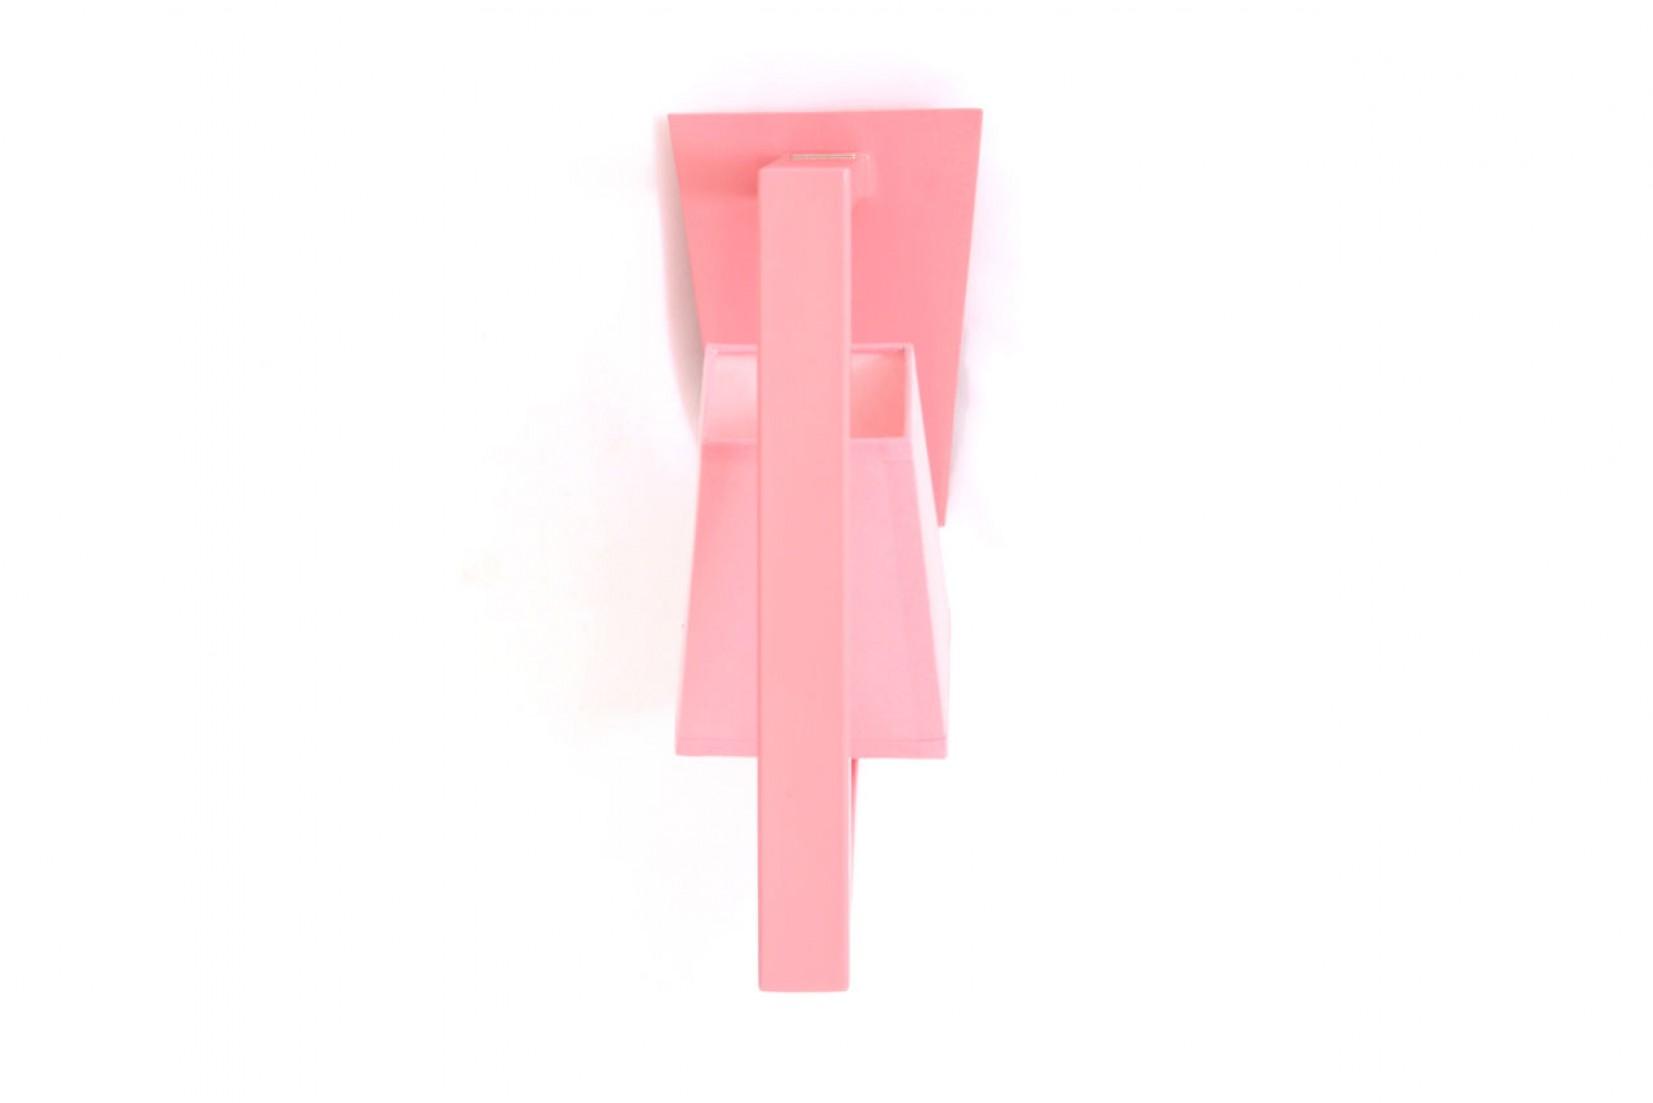 CROSSFADE APL RAL3015 - applique, rose